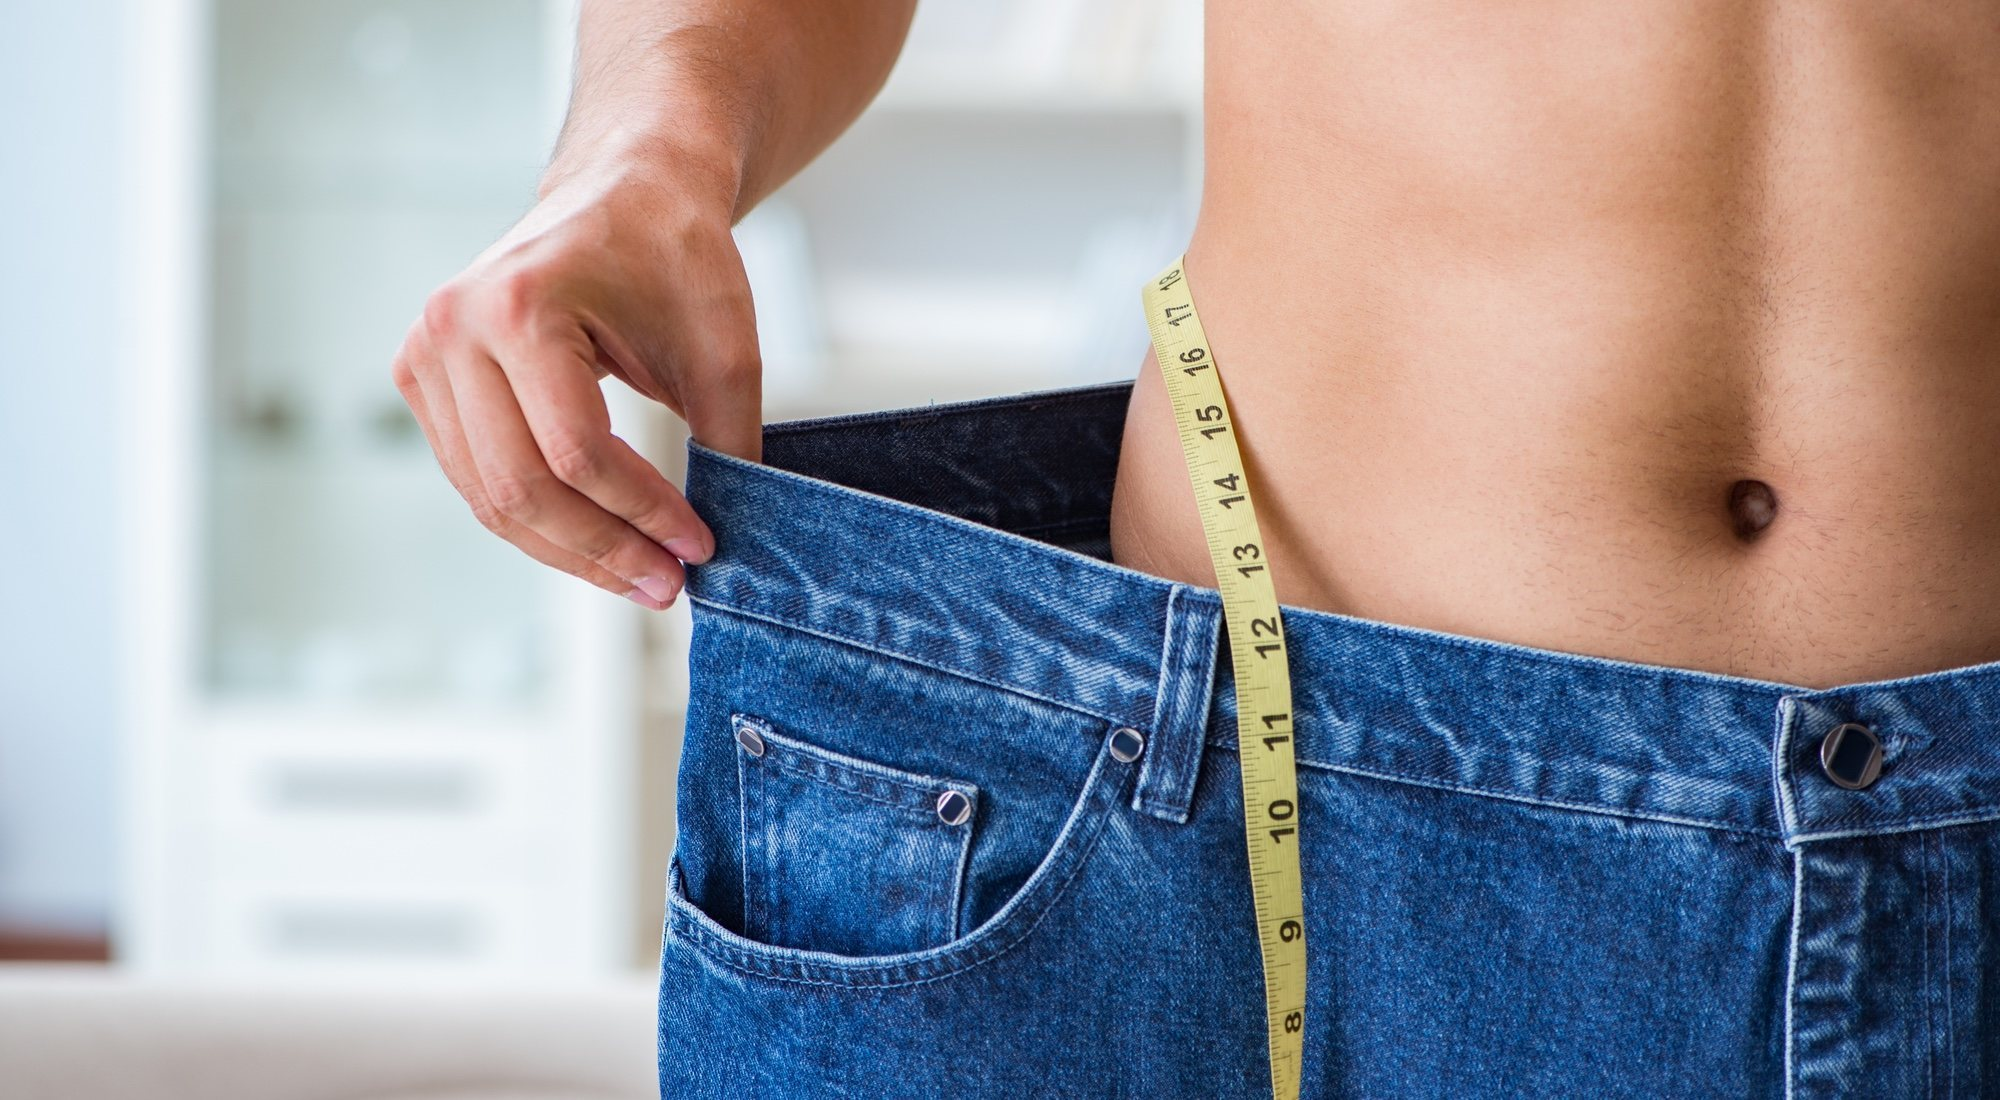 Ayuno intermitente vs comer cada 3 horas: ¿qué dieta funciona?